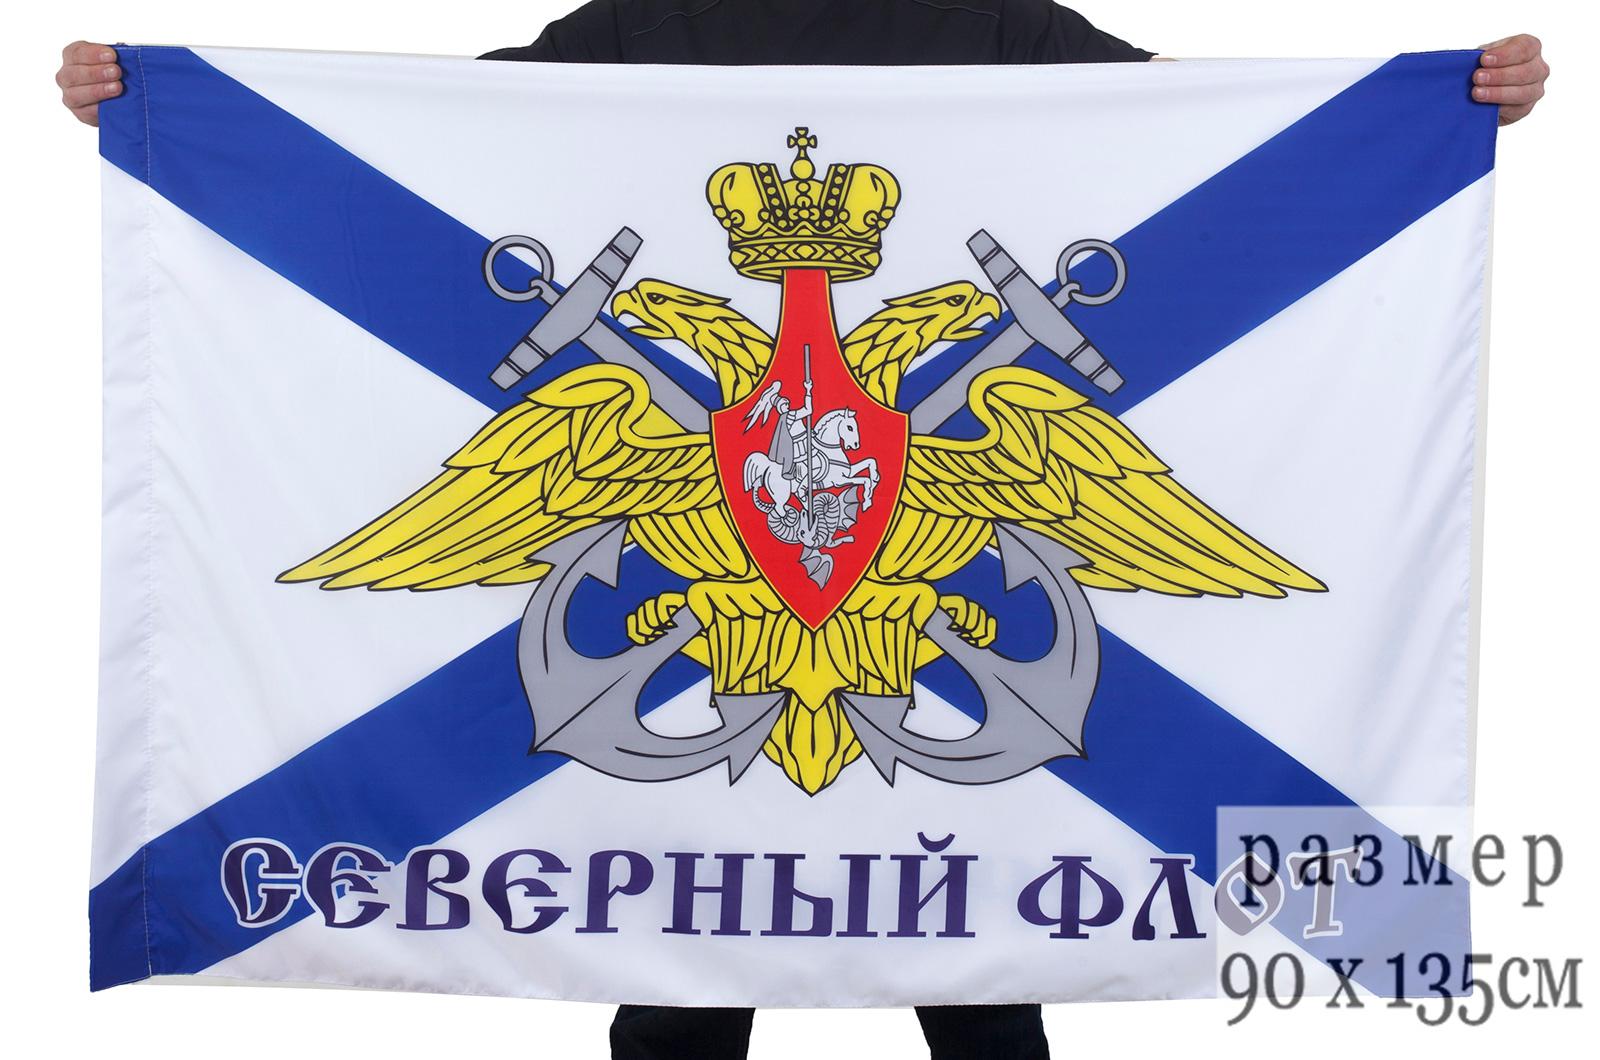 Флаг Северный флот, Северный военный флот, подводные лодки Северного флота, моряки Северного флота, день Северного флота России, Северный флот России